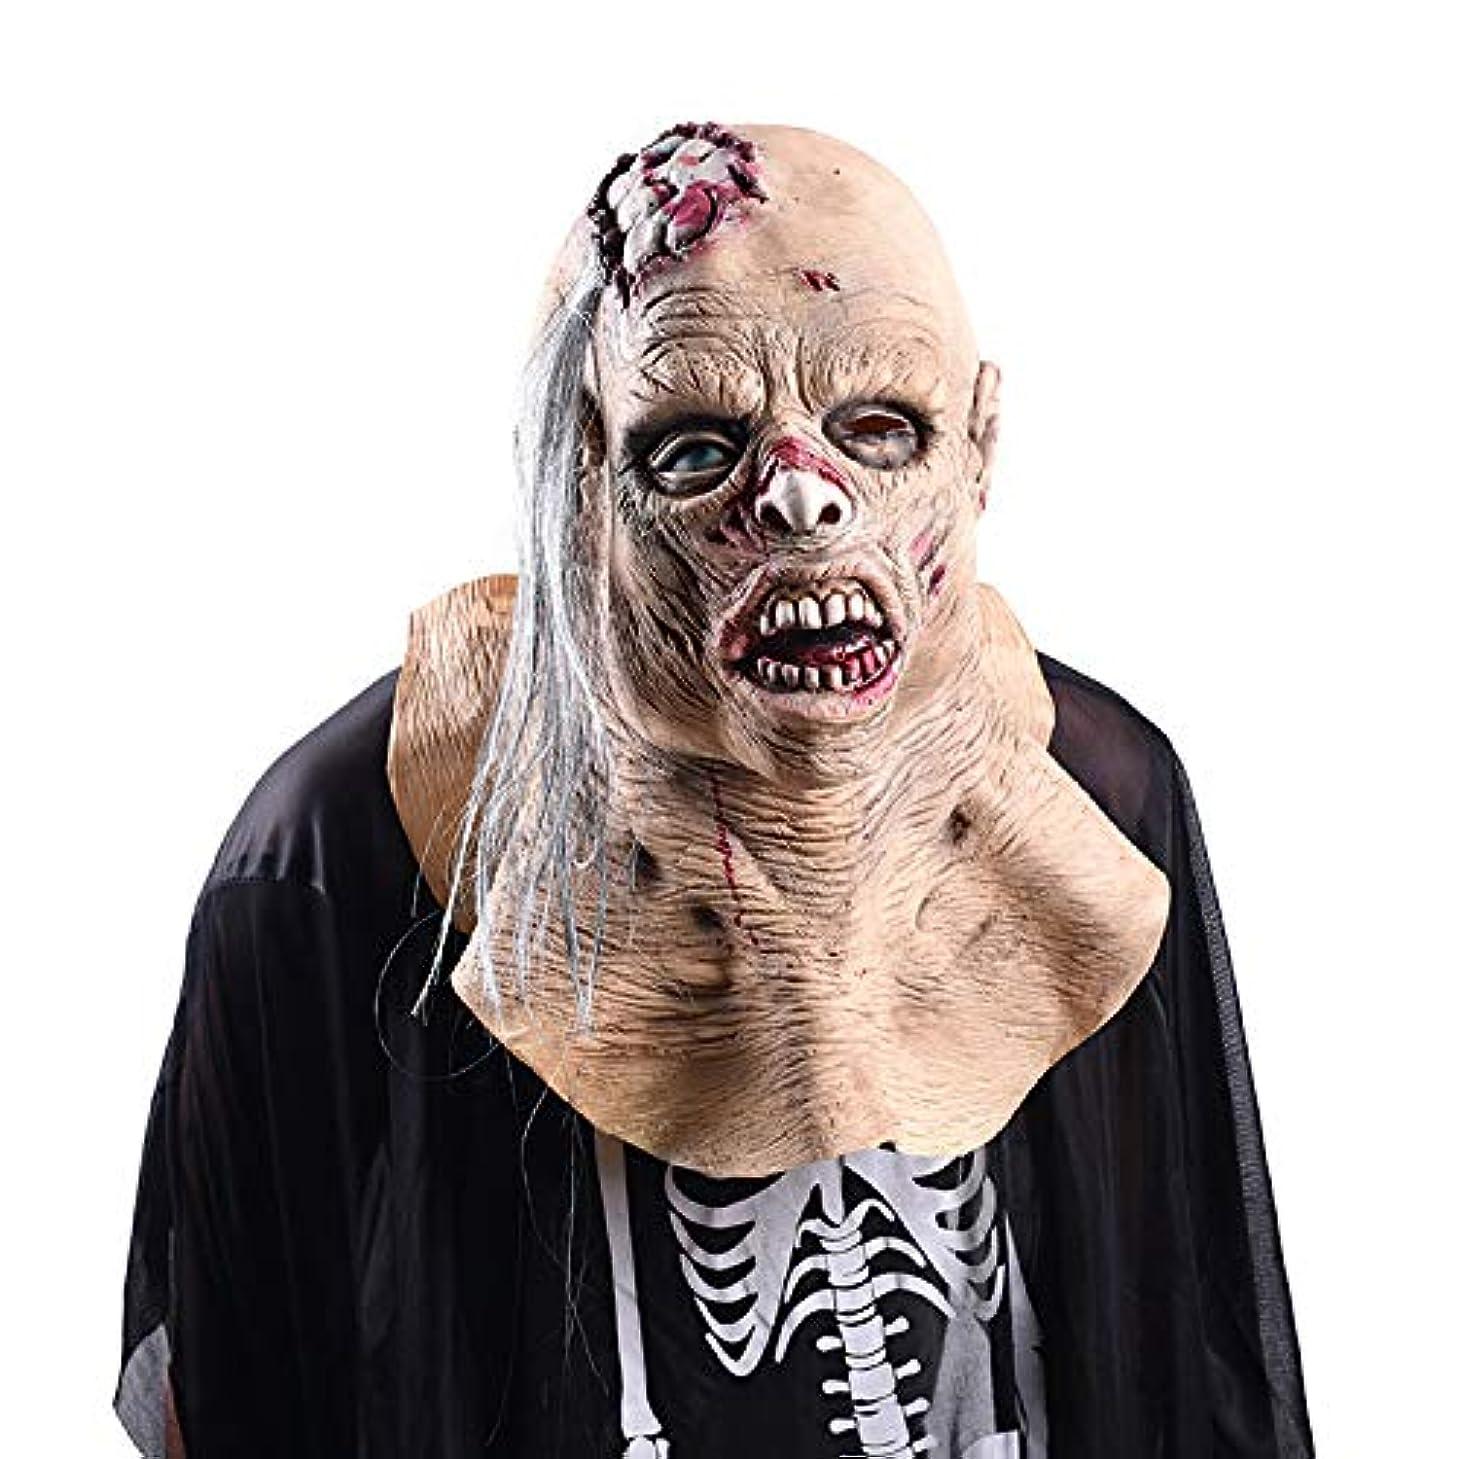 振り子クローゼットパスハロウィーンマスクゾンビラテックスは、バイオハザードの恐怖ヴァンパイア怖い白頭悪いヘッドカバーマスク